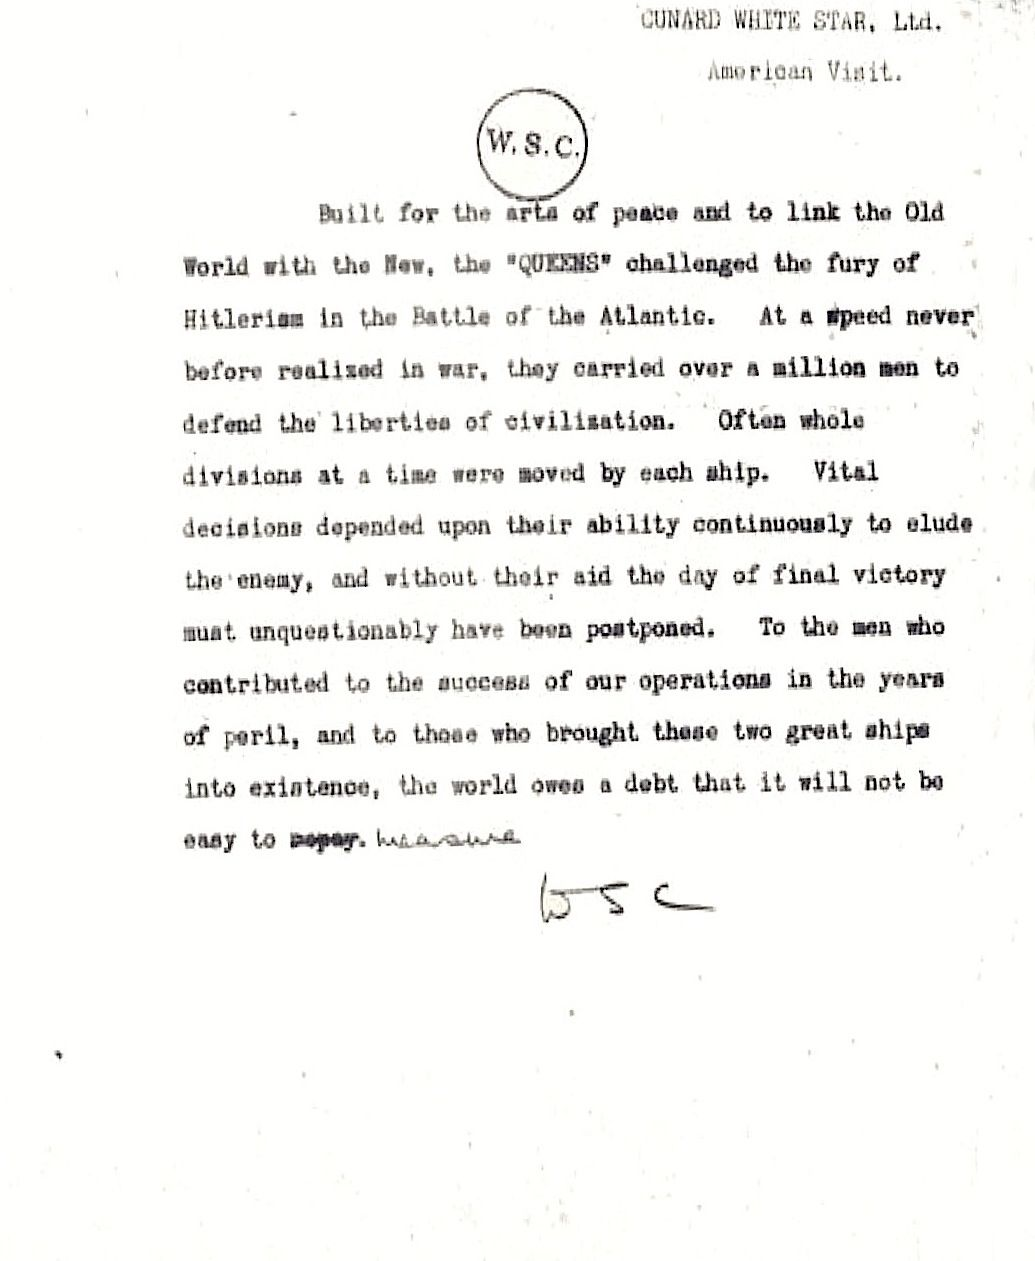 Churchill Letter